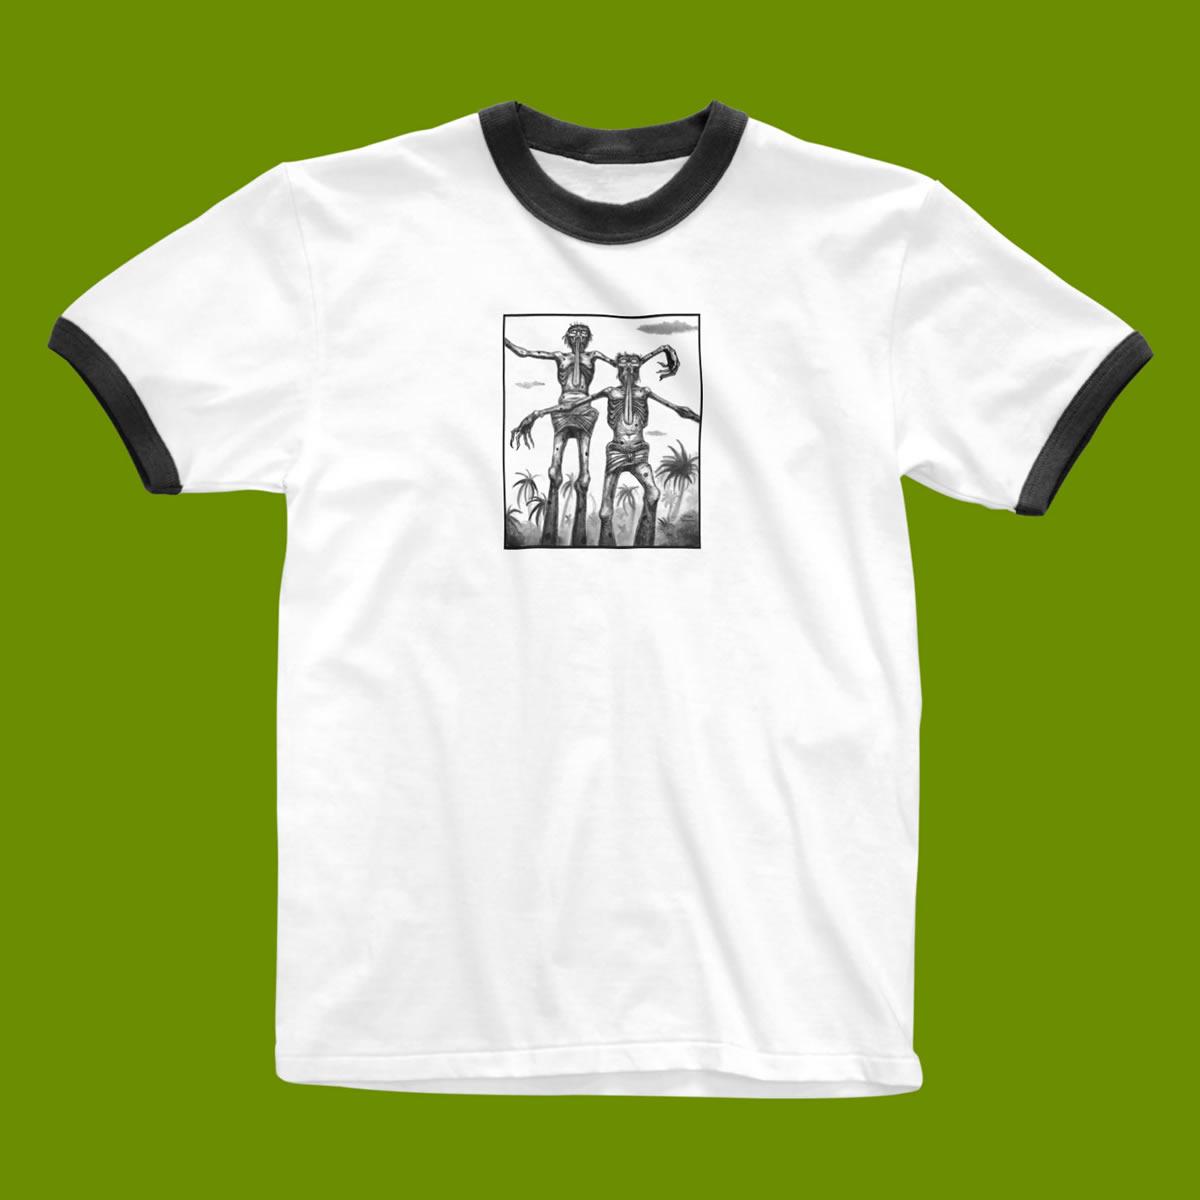 ピープレート- ผีเปรต Tシャツ